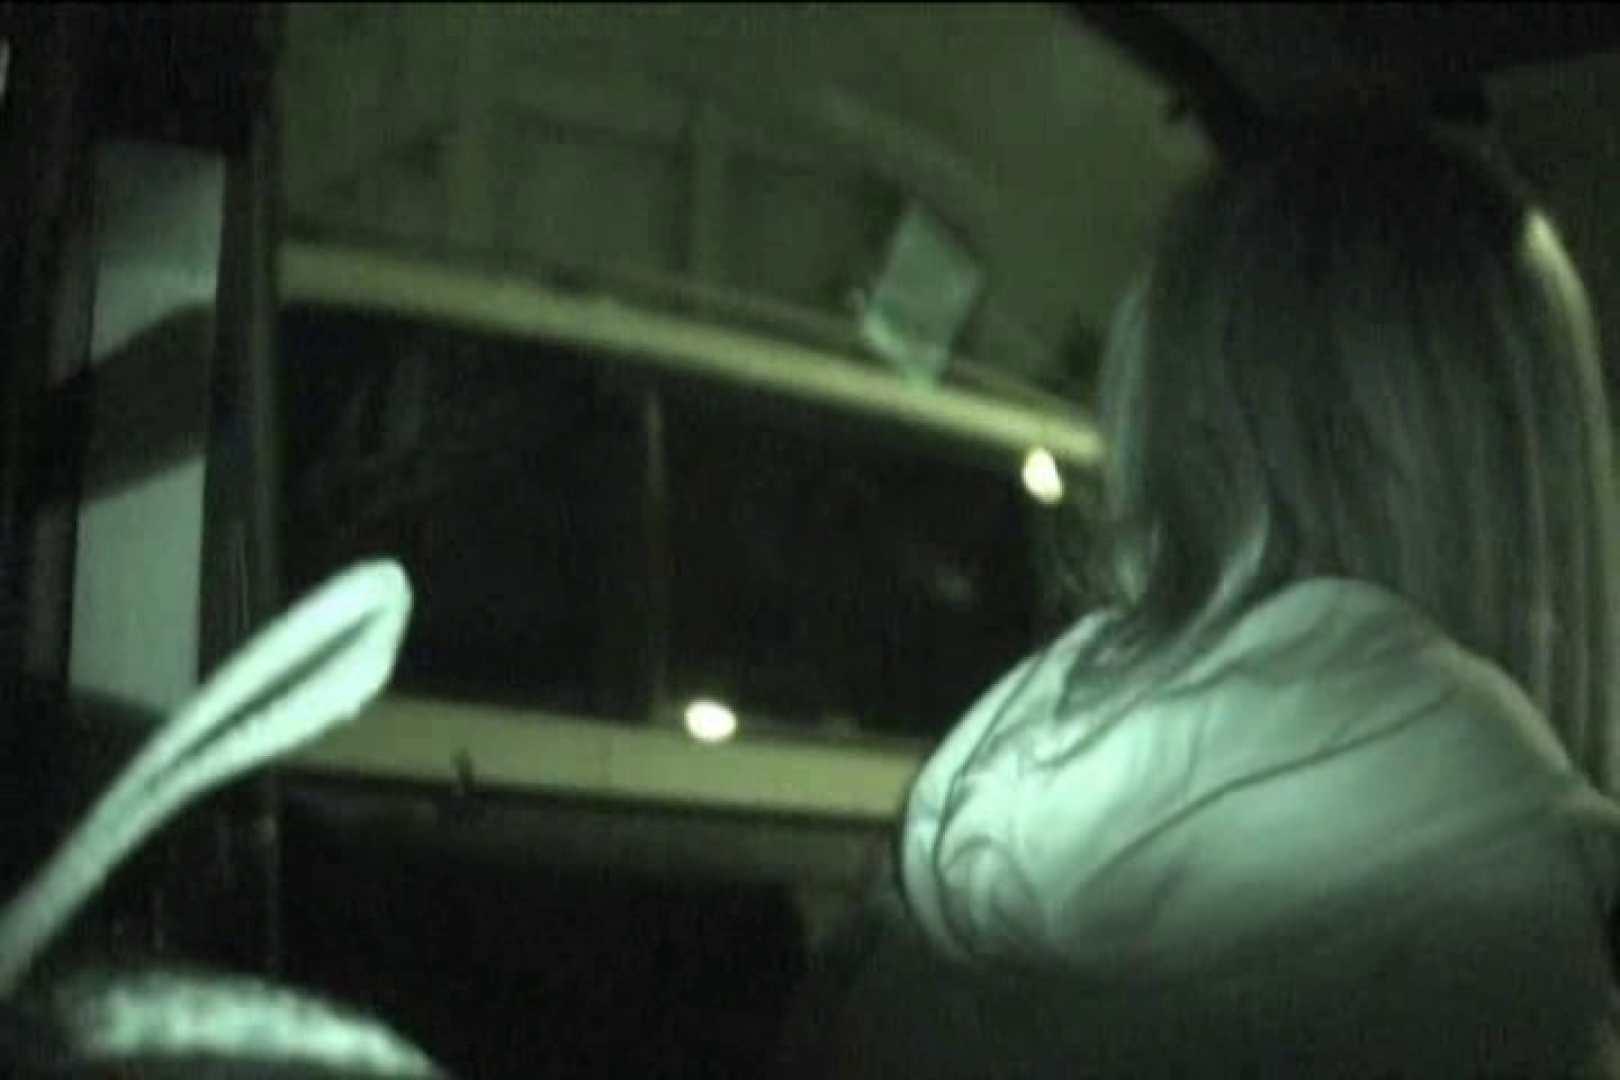 車内で初めまして! vol03 パンティ アダルト動画キャプチャ 63連発 28